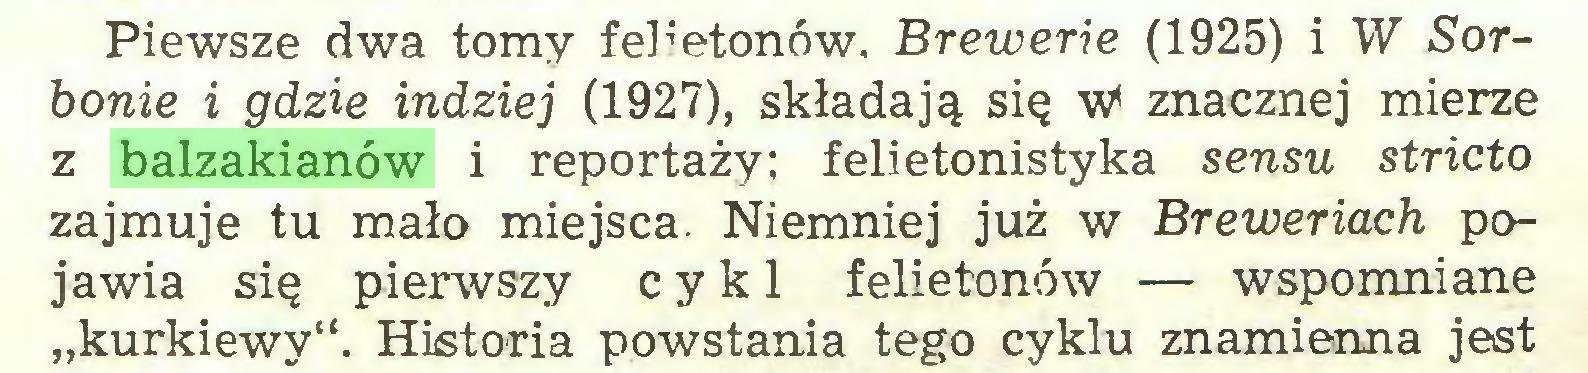 """(...) Piewsze dwa tomy felietonów. Brewerie (1925) i W Sorbonie i gdzie indziej (1927), składają się w' znacznej mierze z balzakianów i reportaży; felietonistyka sensu stricto zajmuje tu mało miejsca. Niemniej już w Breweriach pojawia się pierwszy cykl felietonów — wspomniane """"kurkiewy"""". Historia powstania tego cyklu znamienna jest..."""